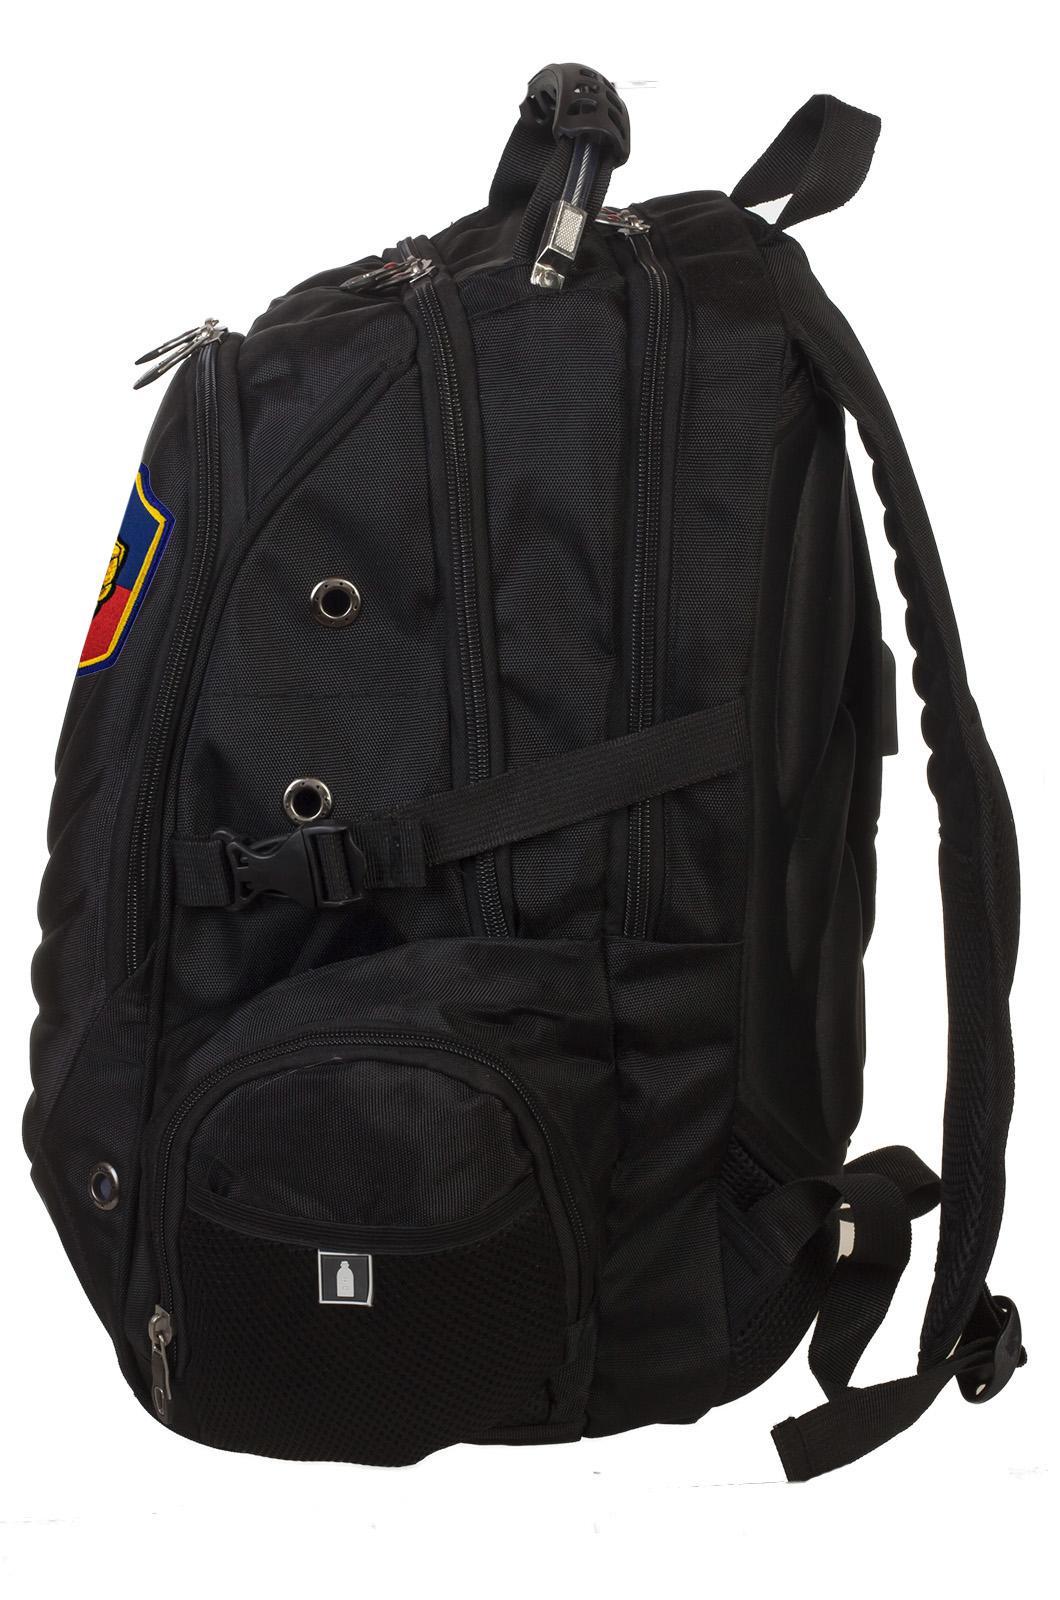 Топовый рюкзак с нашивкой УГРО купить онлайн